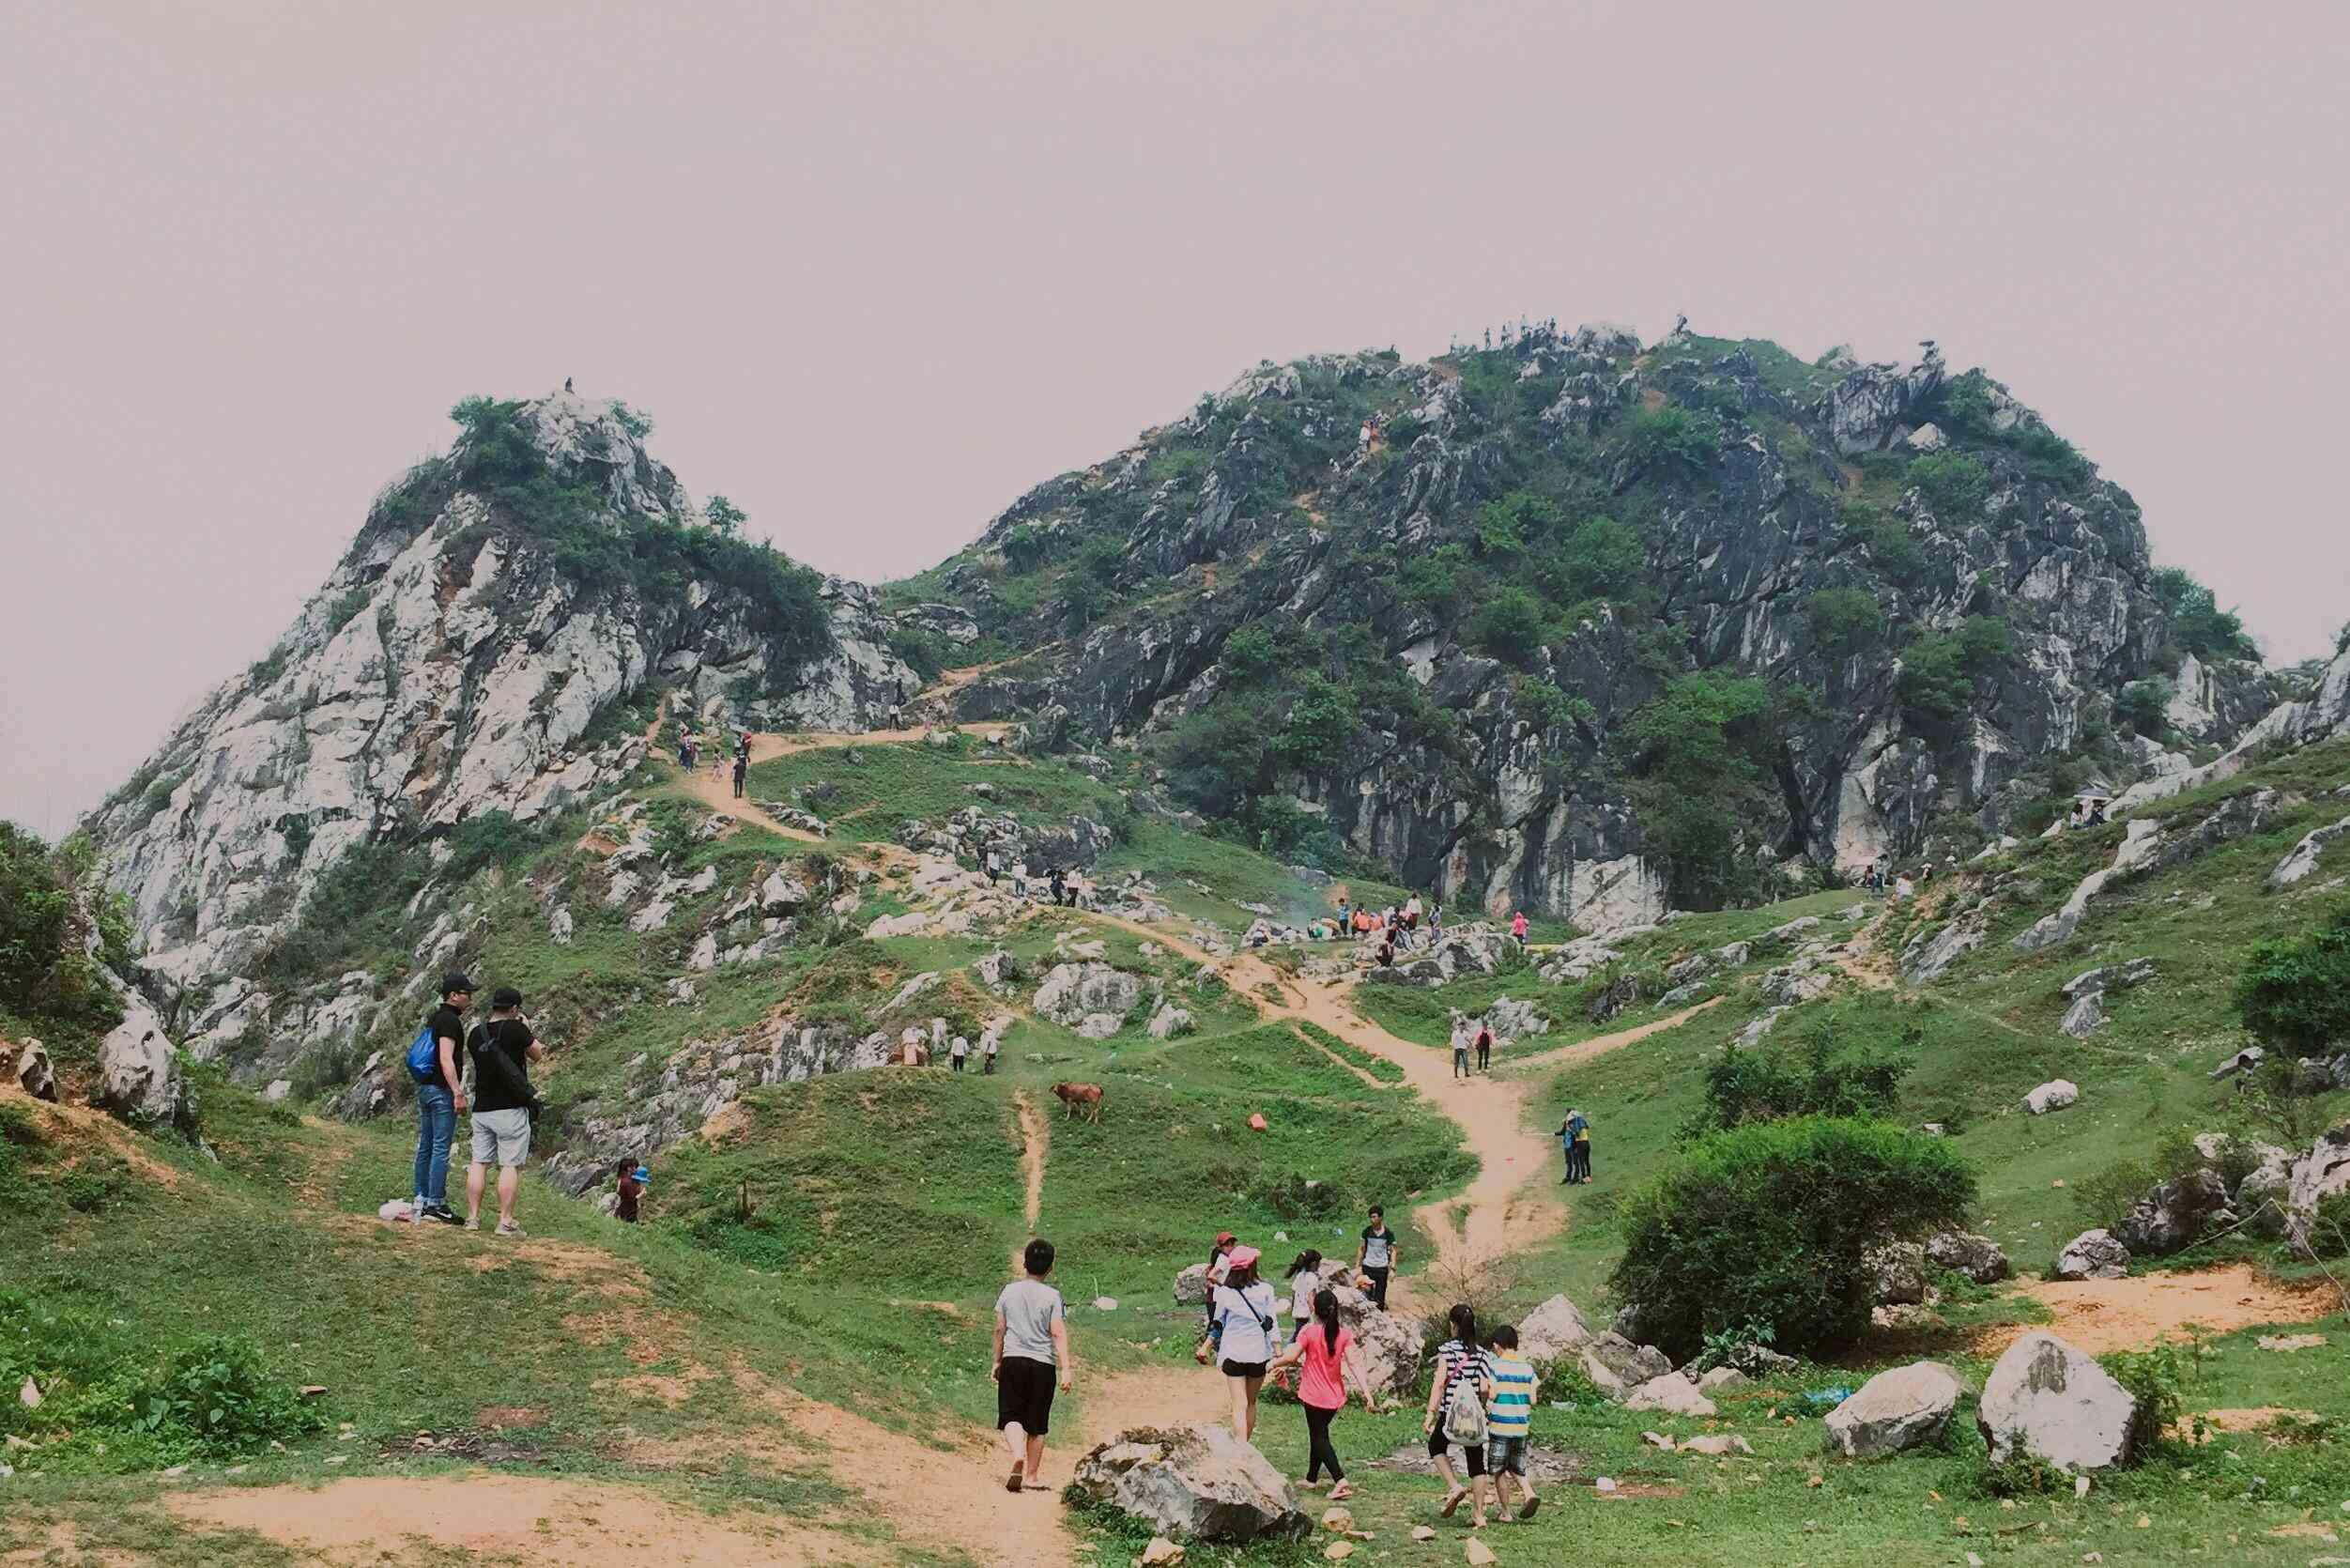 Núi Trầm - cao nguyên đá khổng lồ nổi tiếng ngoại thành Hà Nội. Hình: Sưu tầm